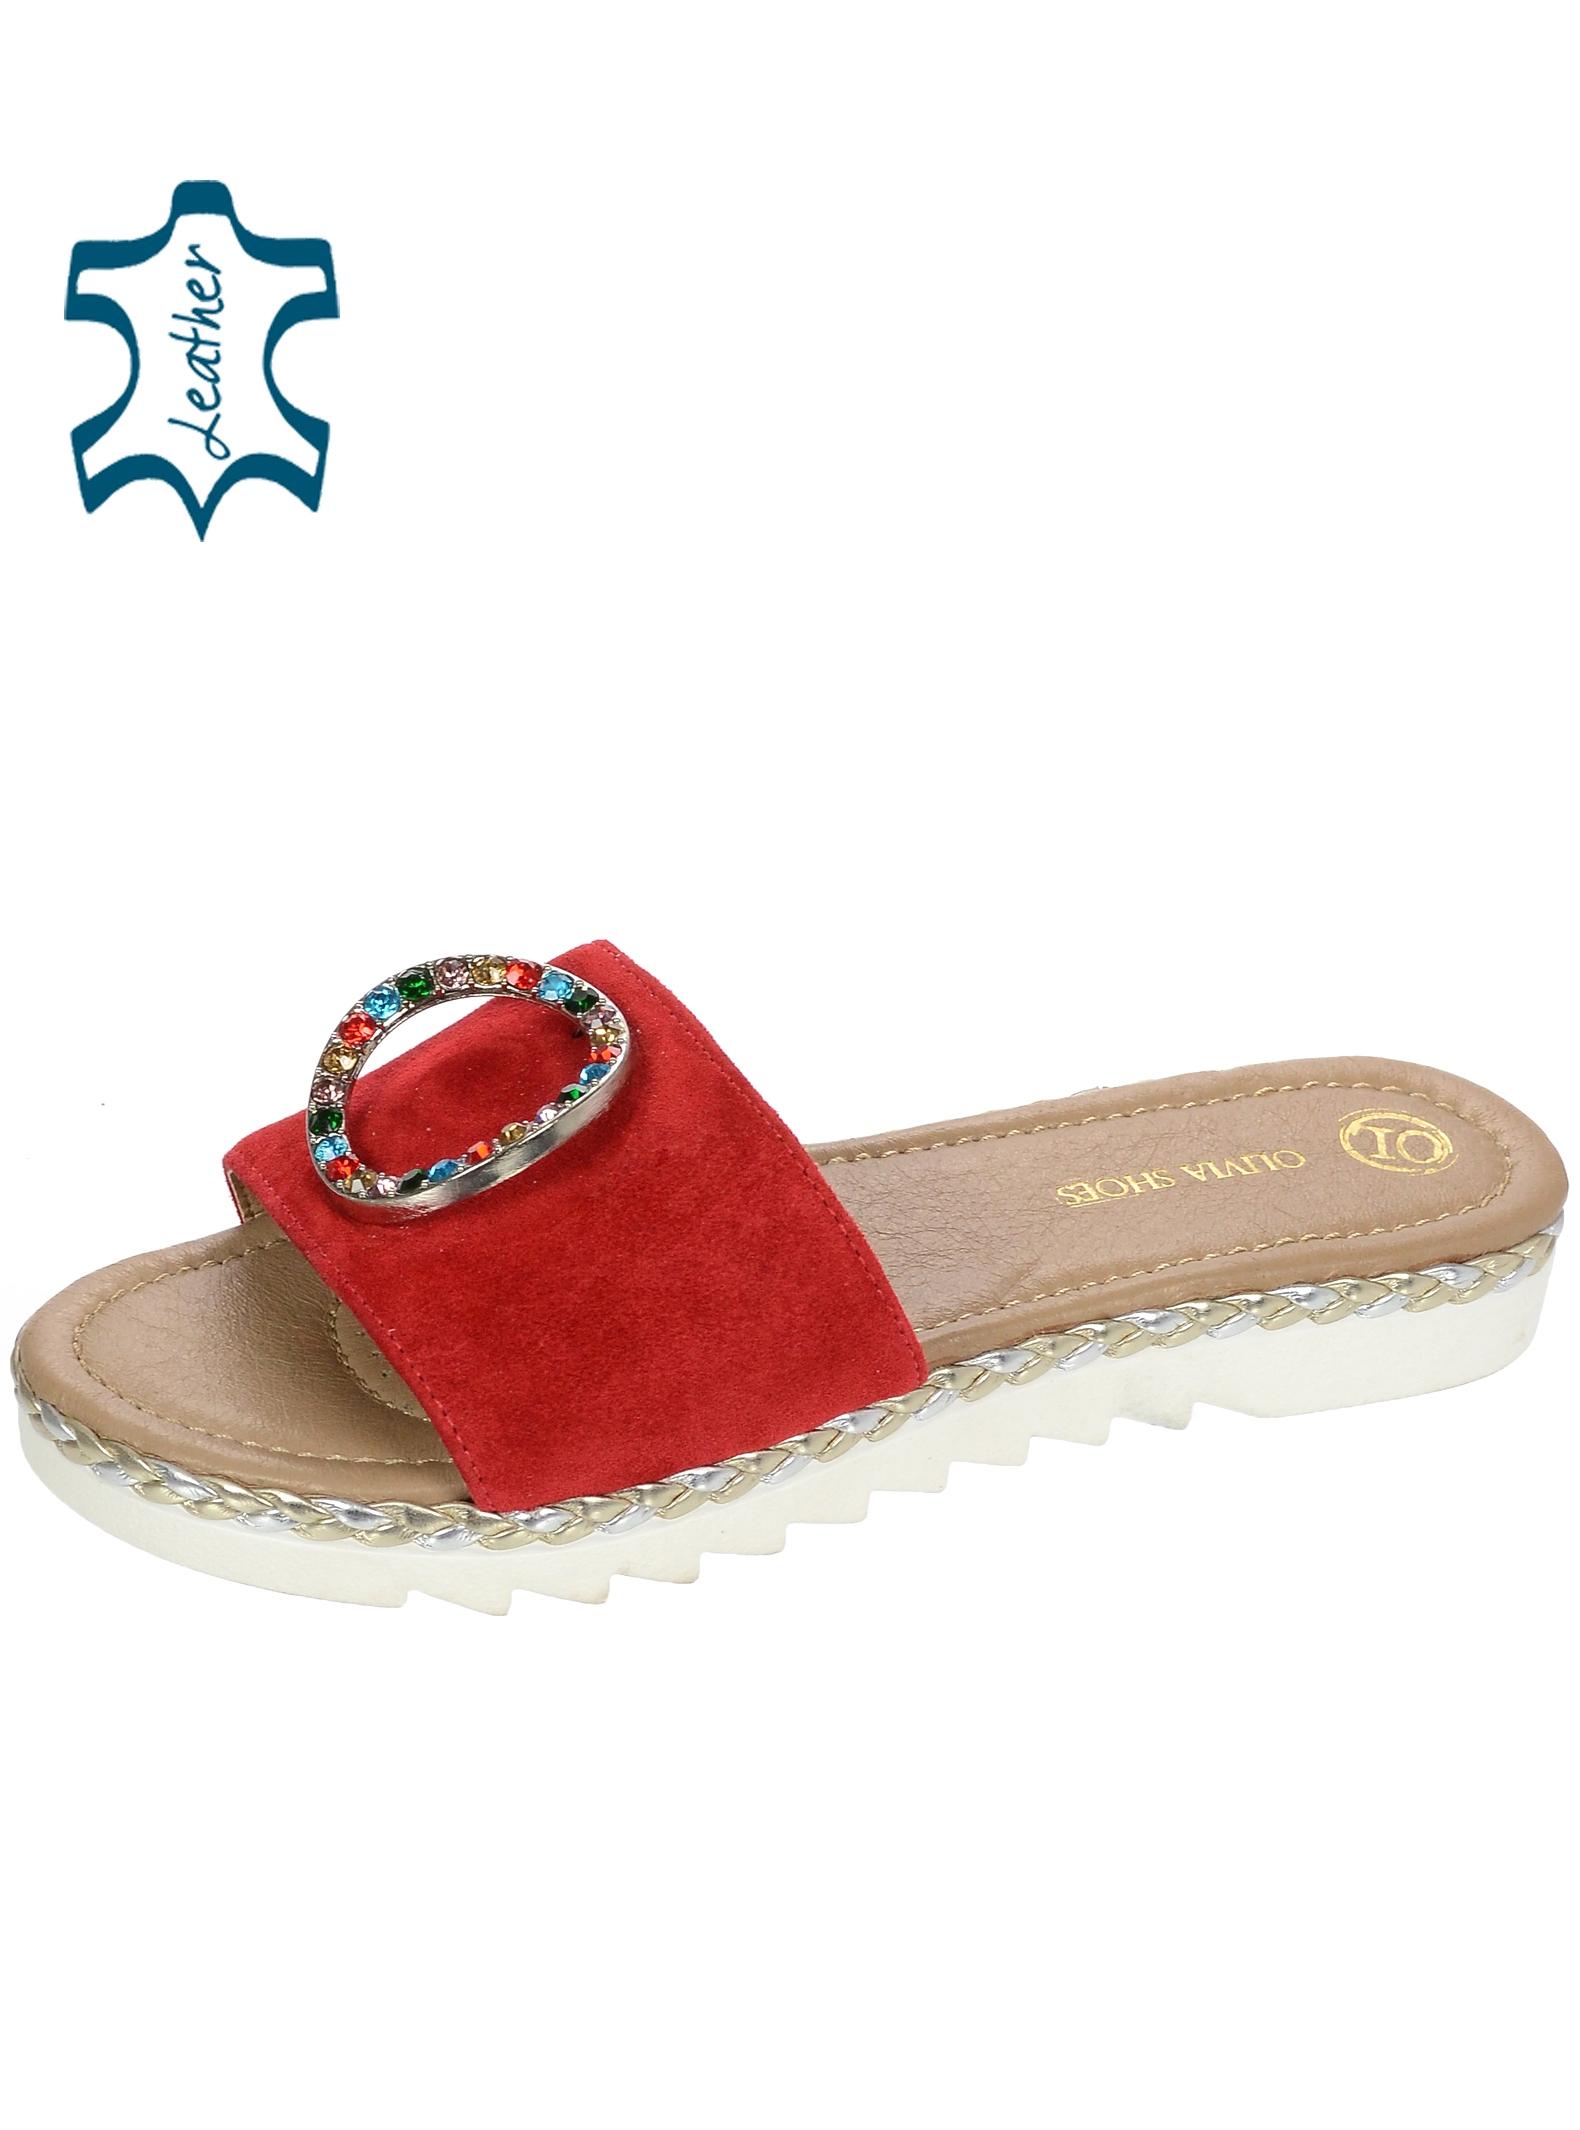 Červené kožené pantofle s barevnou ozdobou CA540